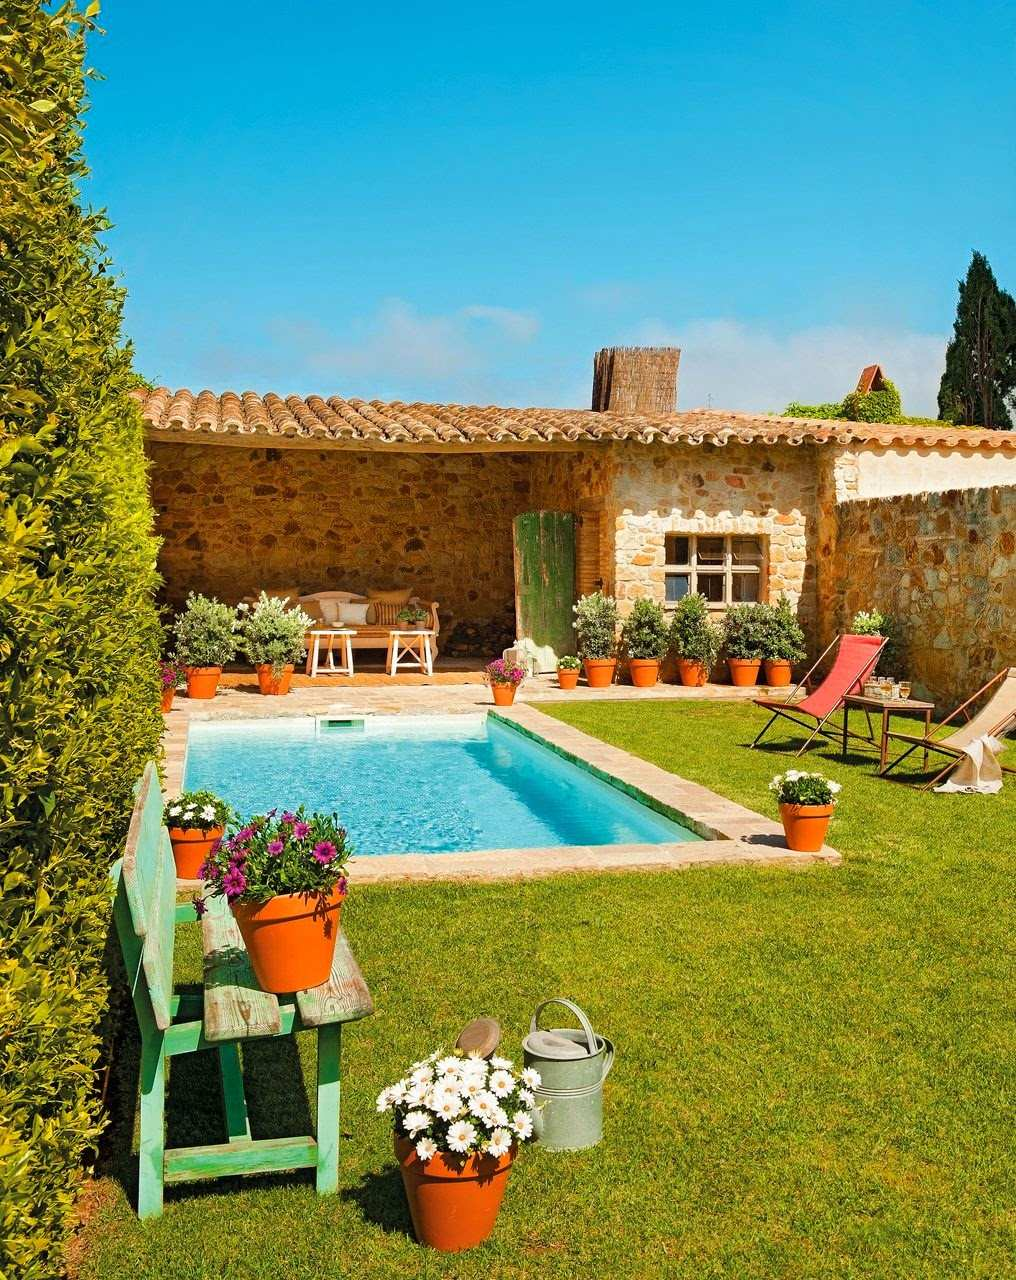 Casas lindas conhe a 65 casas incr veis e se inspire for Piscinas en el patio de la casa